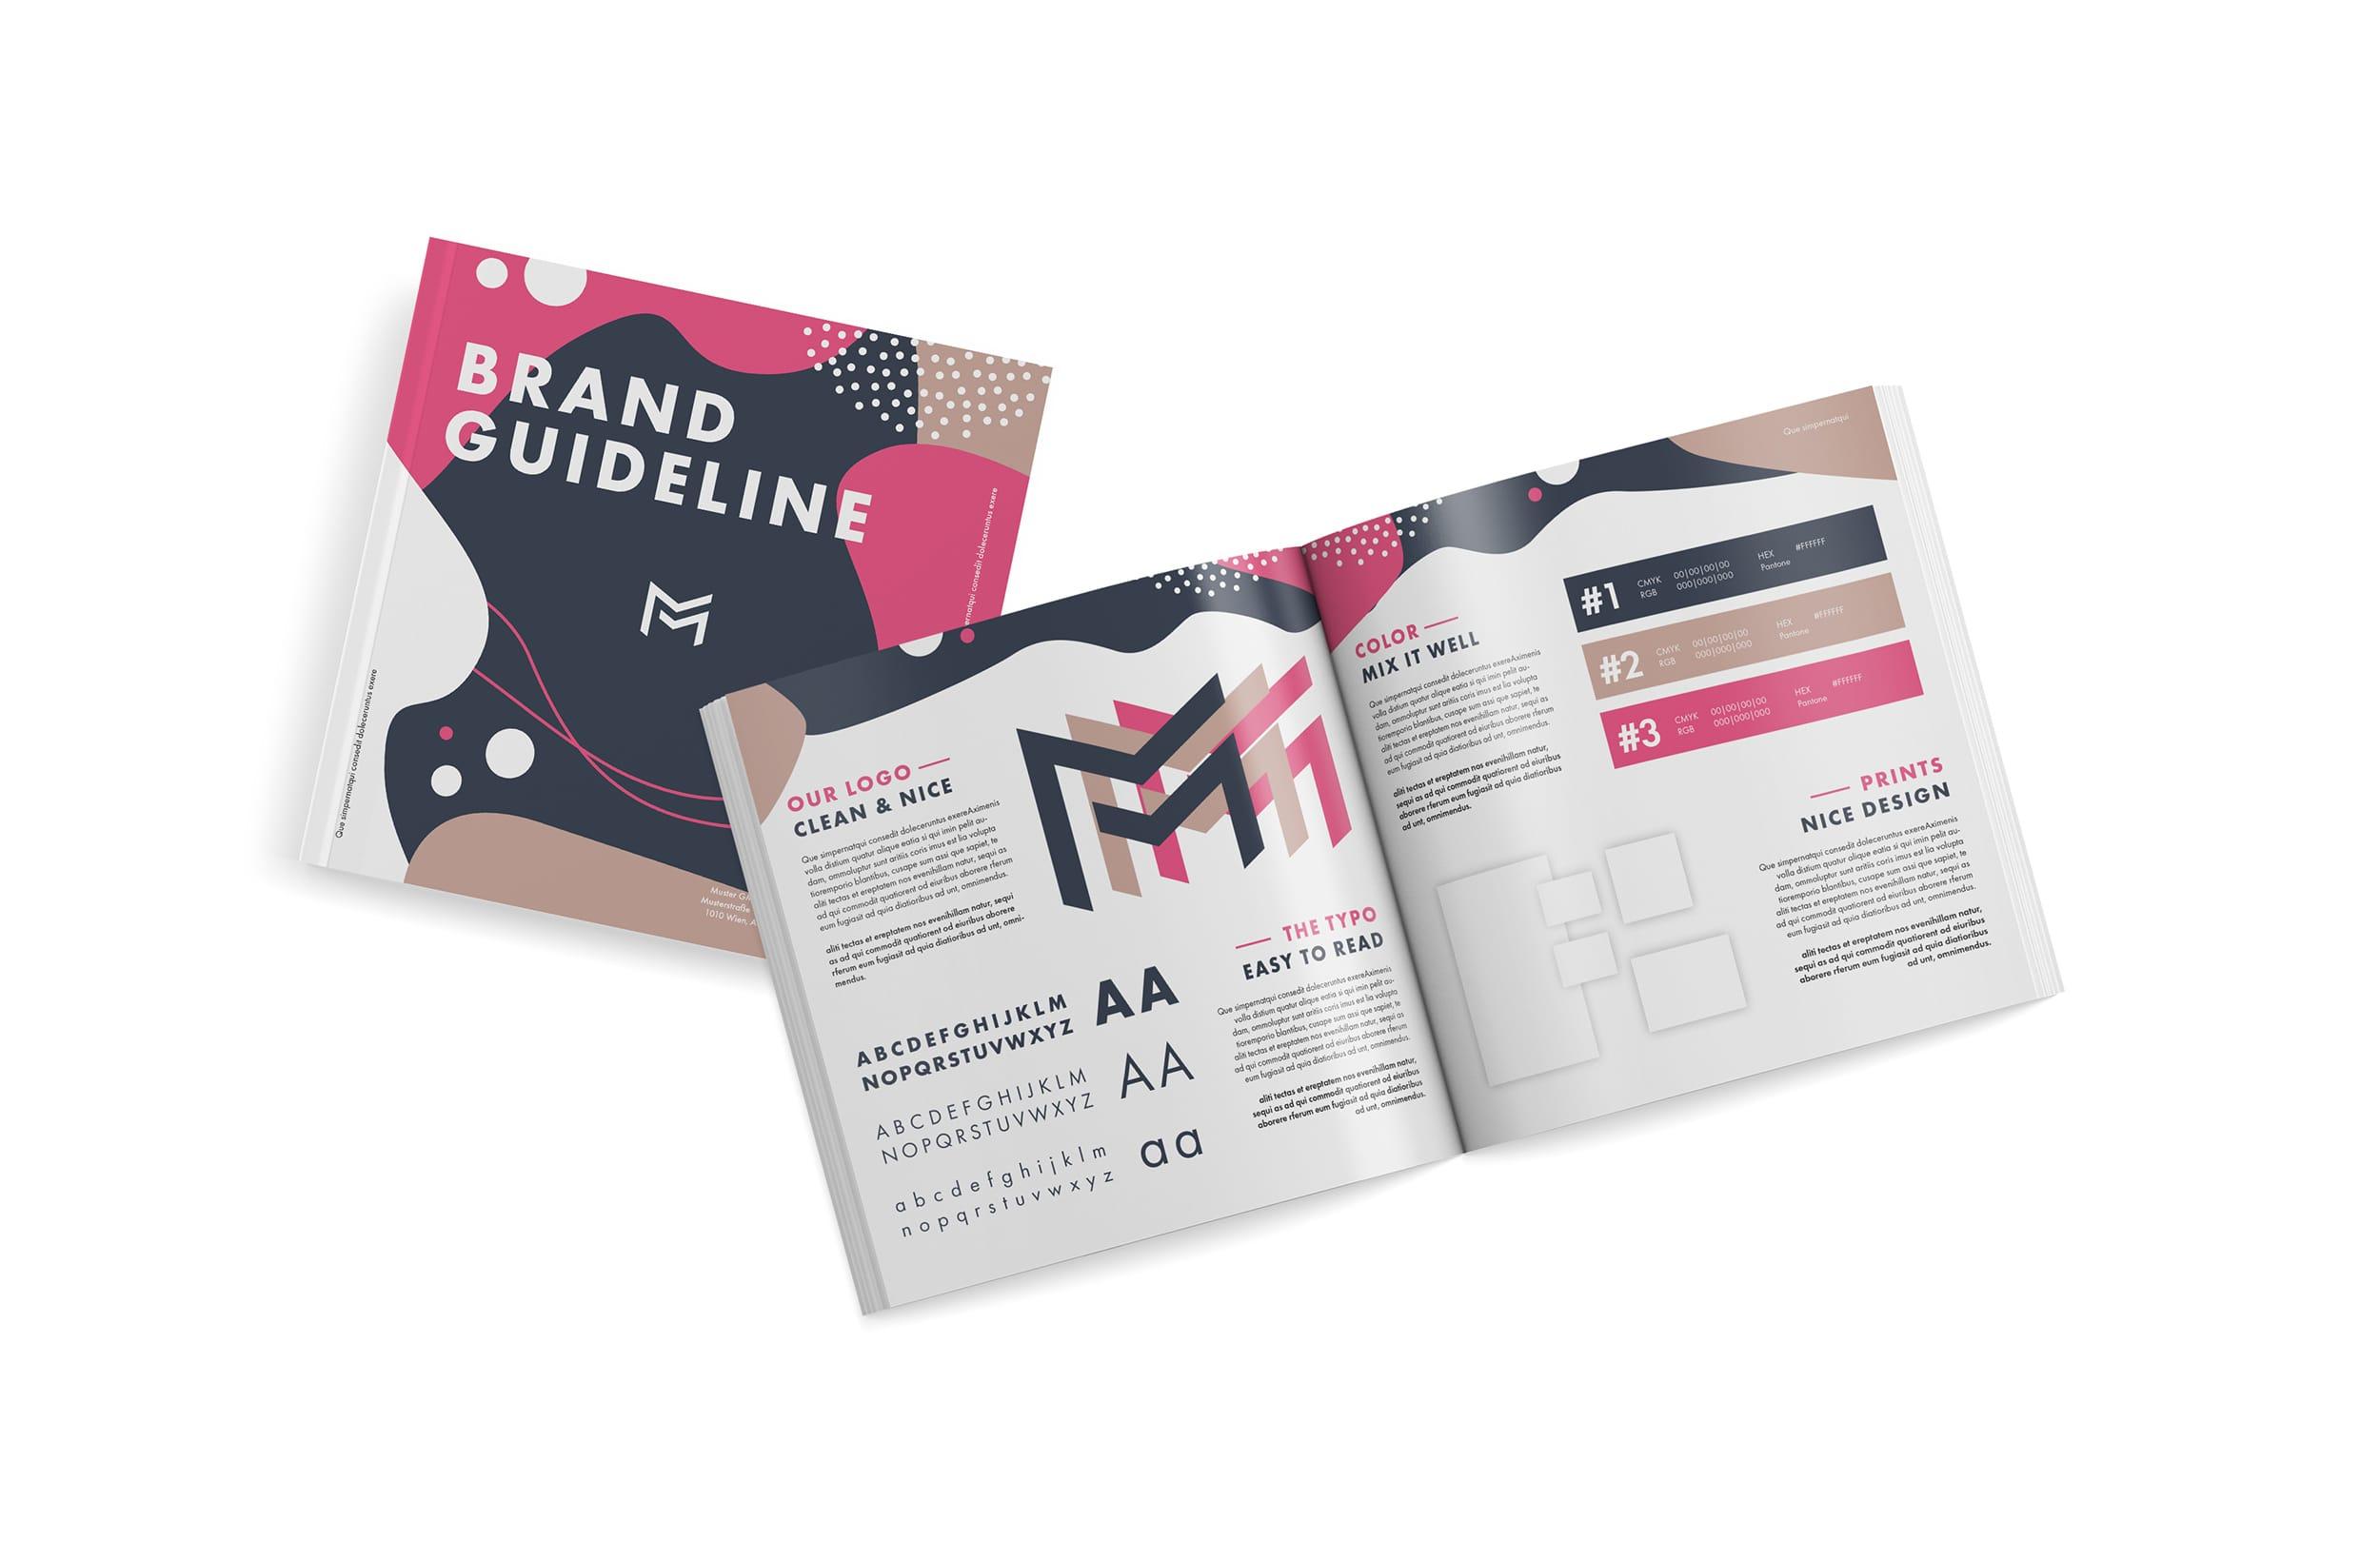 montroit-design-brand-guideline-spc-a